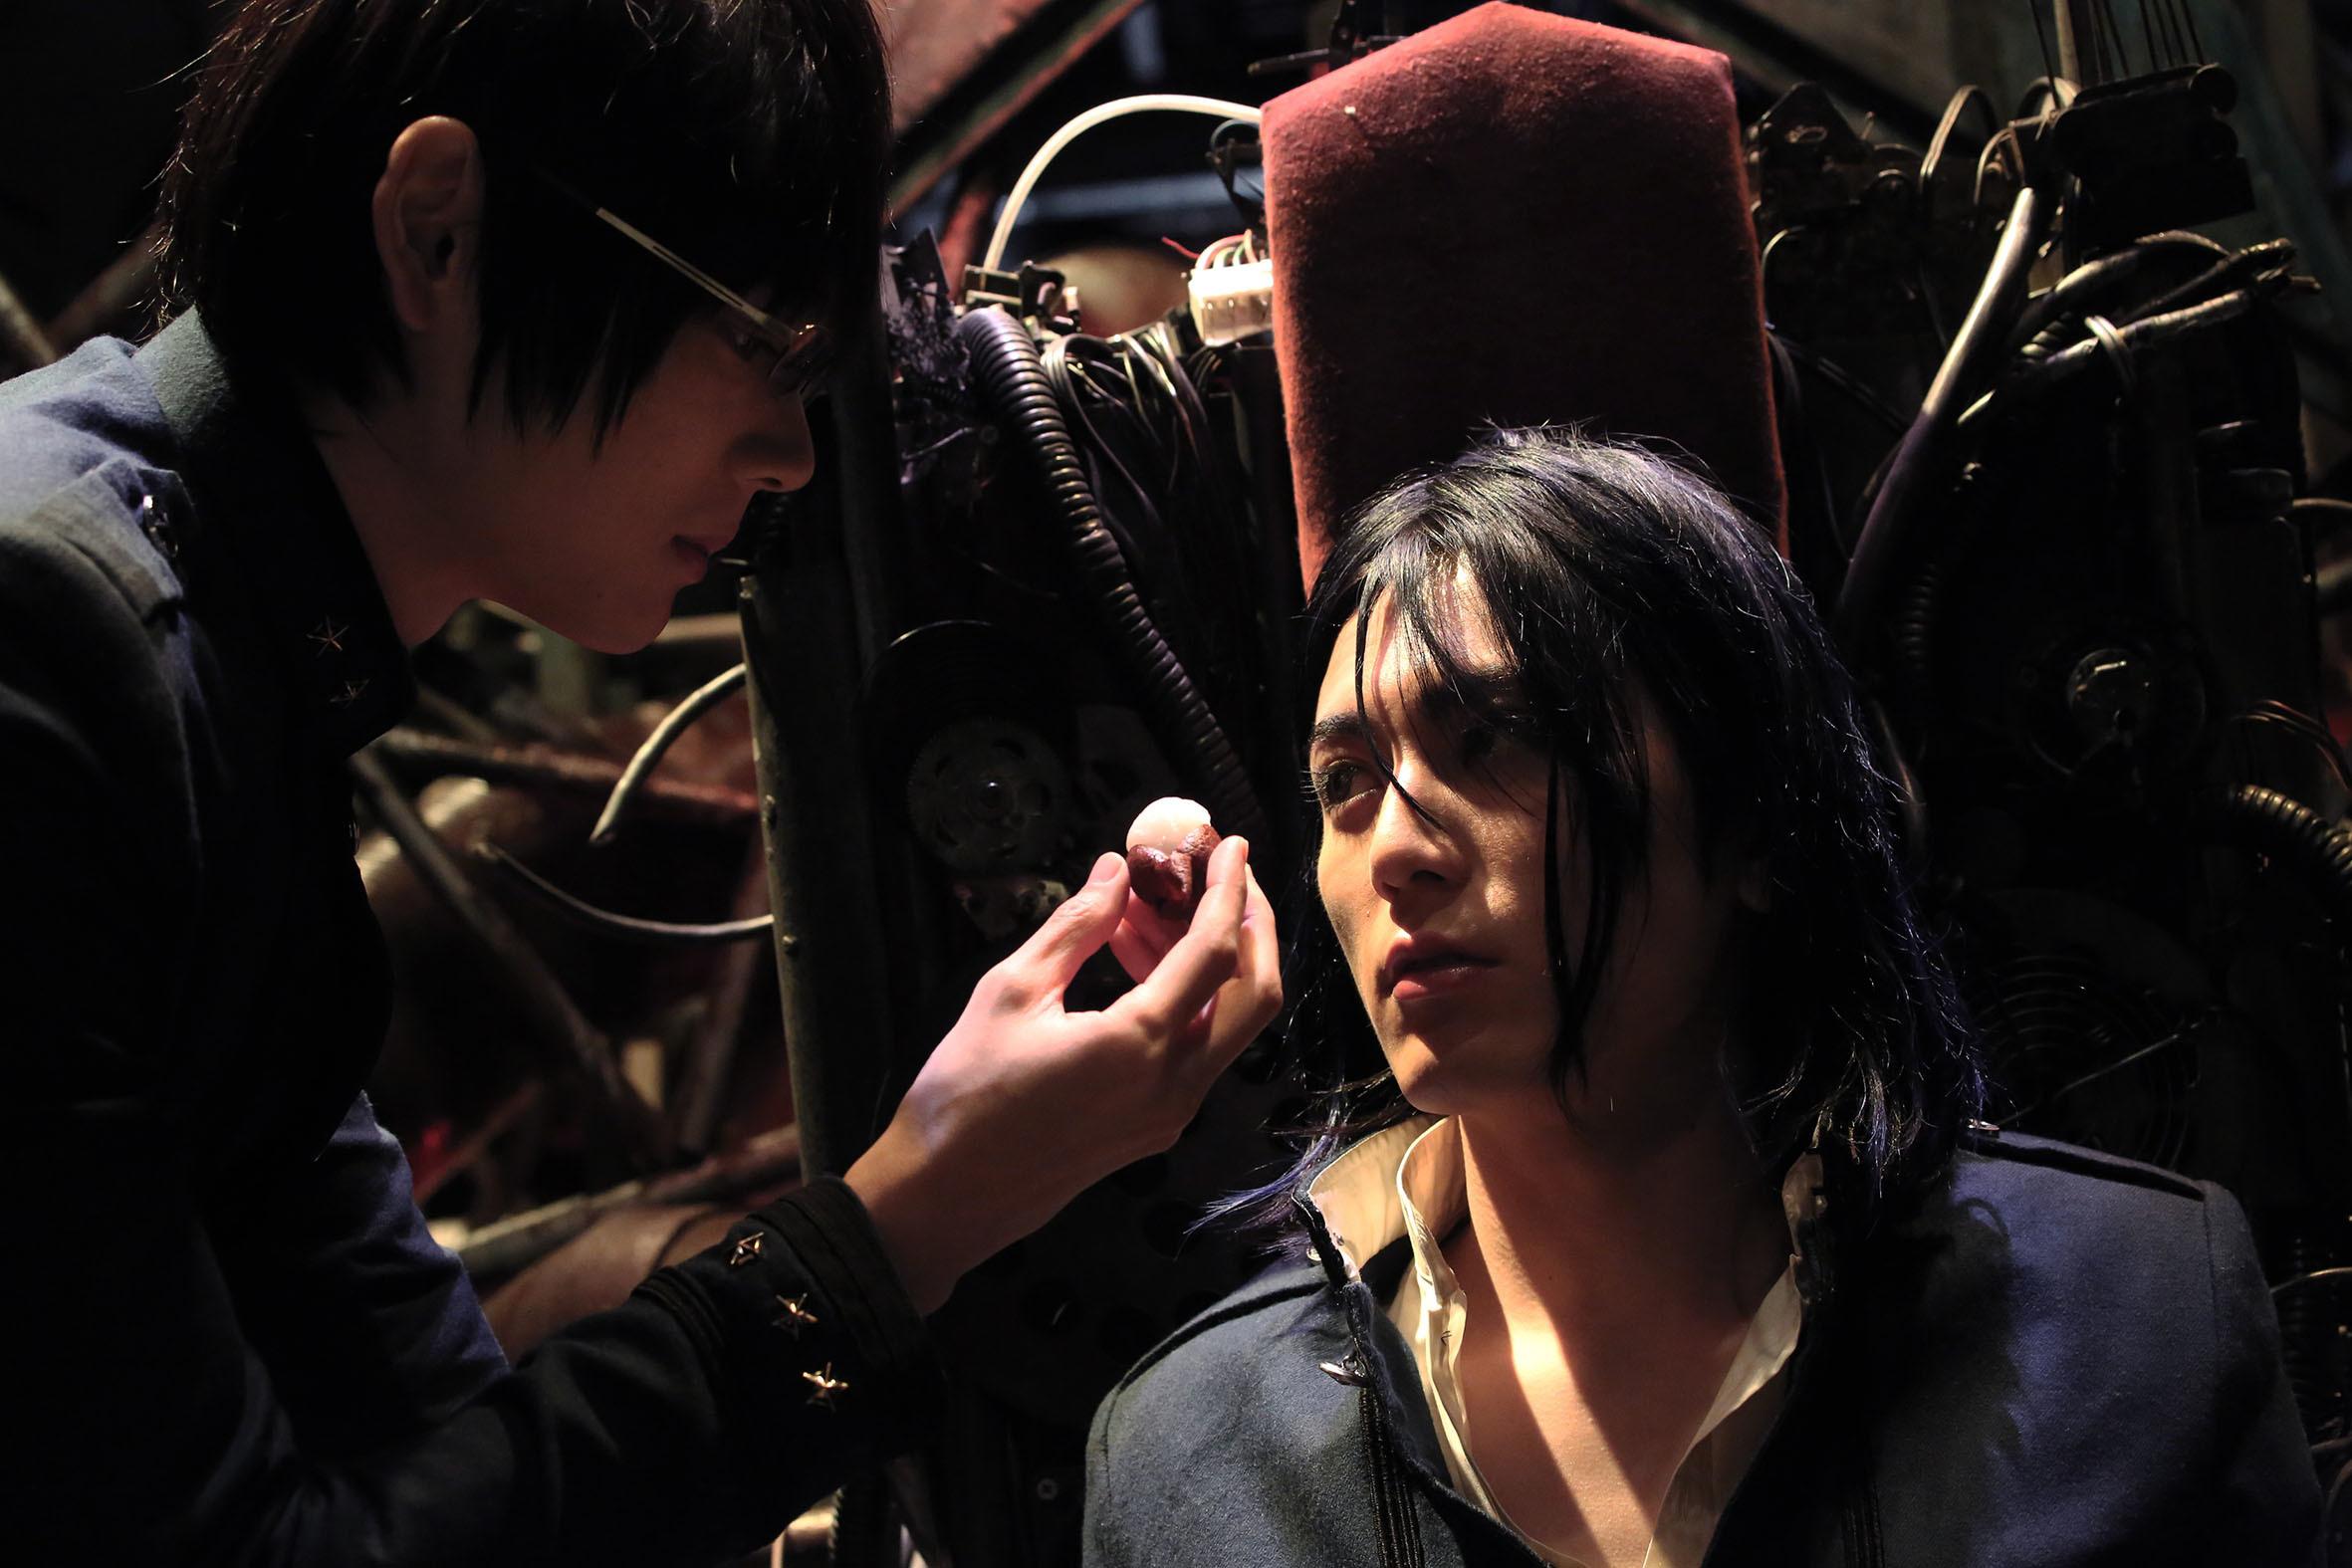 『ライチ☆光クラブ』劇中より VR体験では私服姿の間宮祥太朗がお出迎え (C)2015『ライチ☆光クラブ』製作委員会